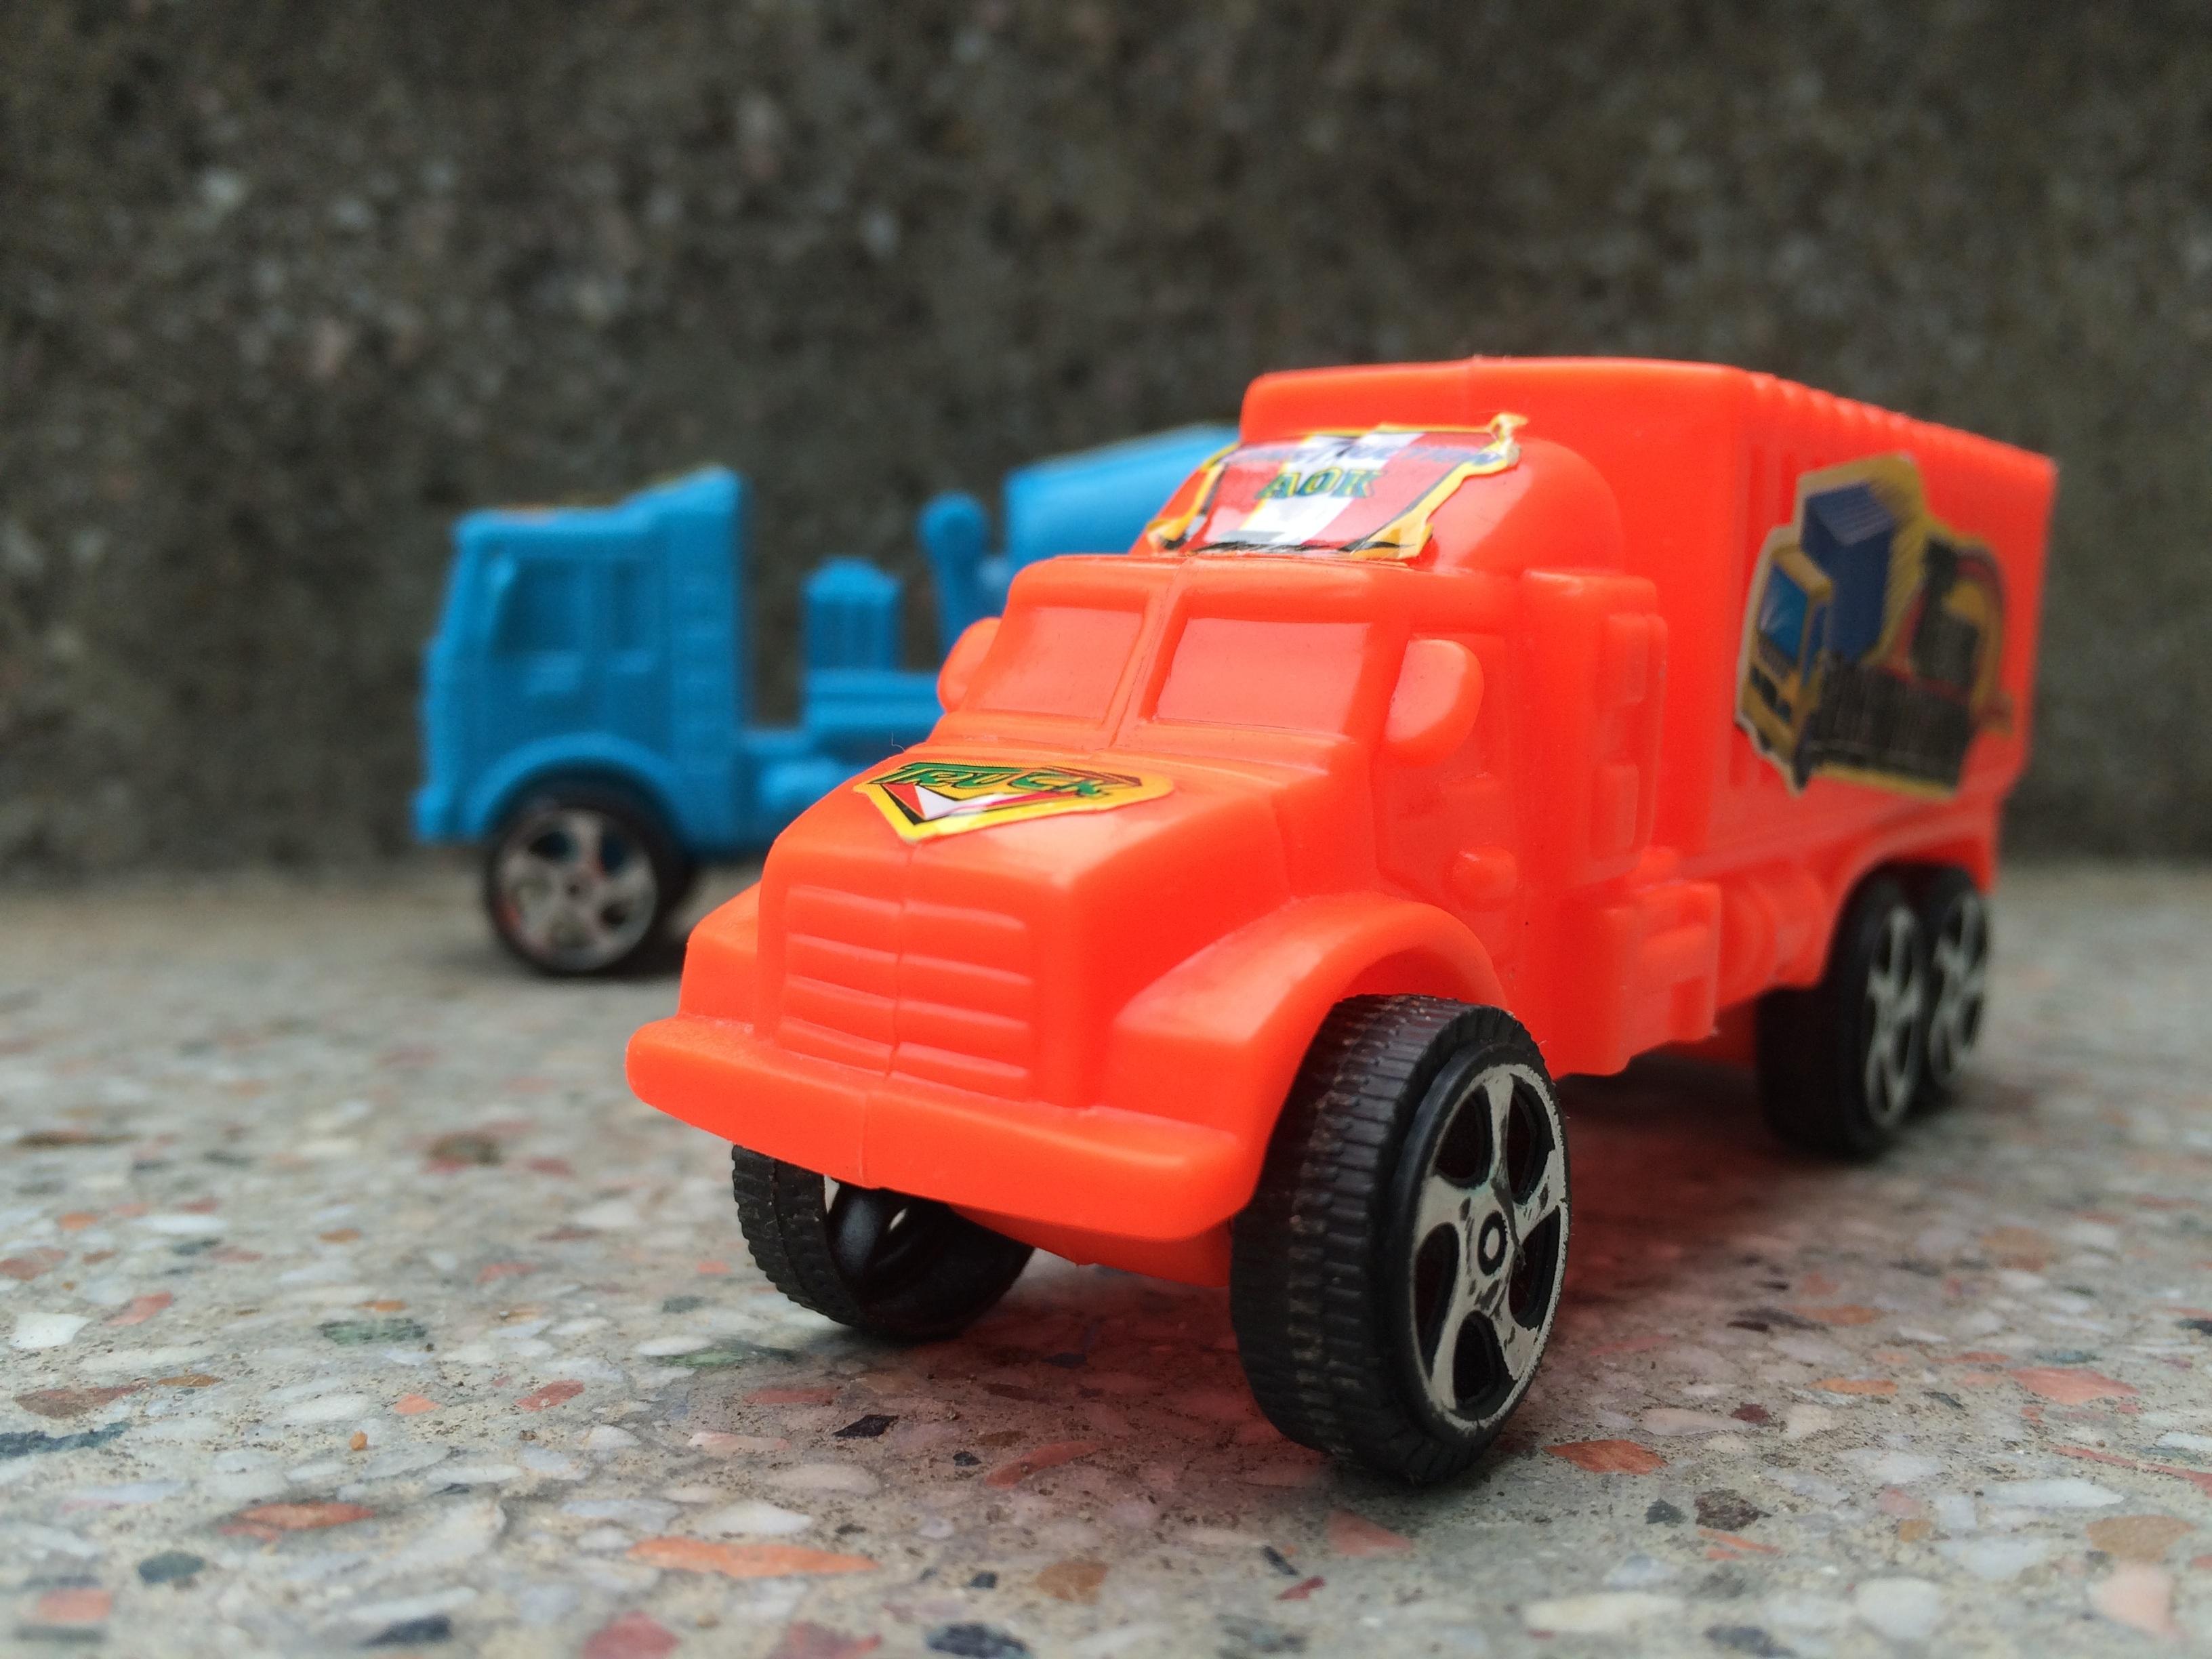 Gambar Traktor Plastik Angkutan Mengangkut Truk Kecil